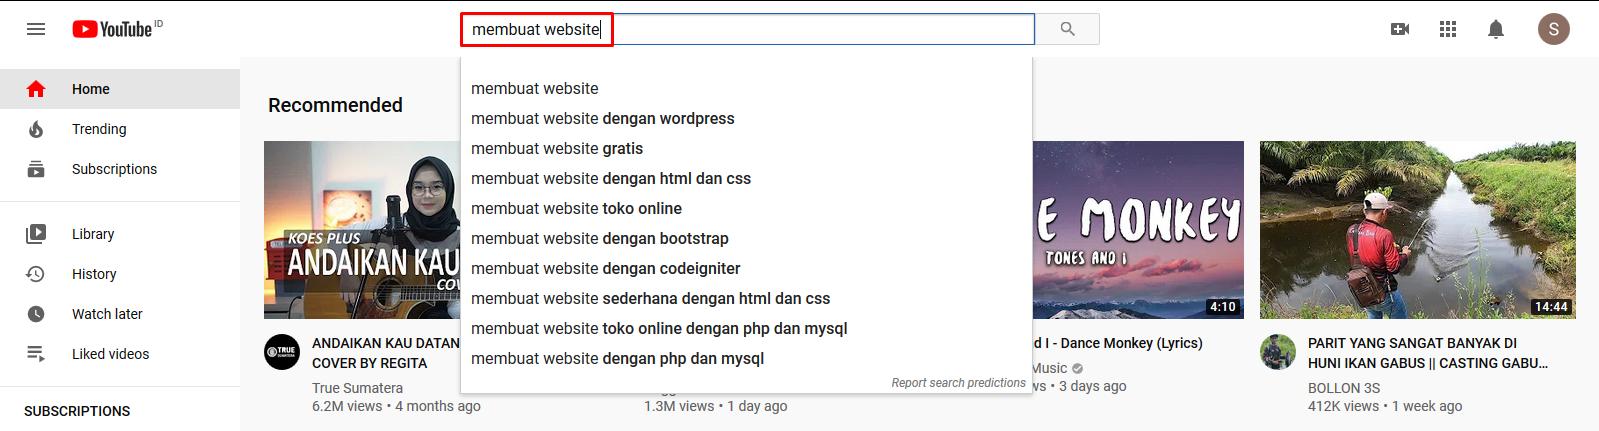 Cara Dapat Uang dari YouTube dengan Riset Keyword melalui Menu Pencarian.